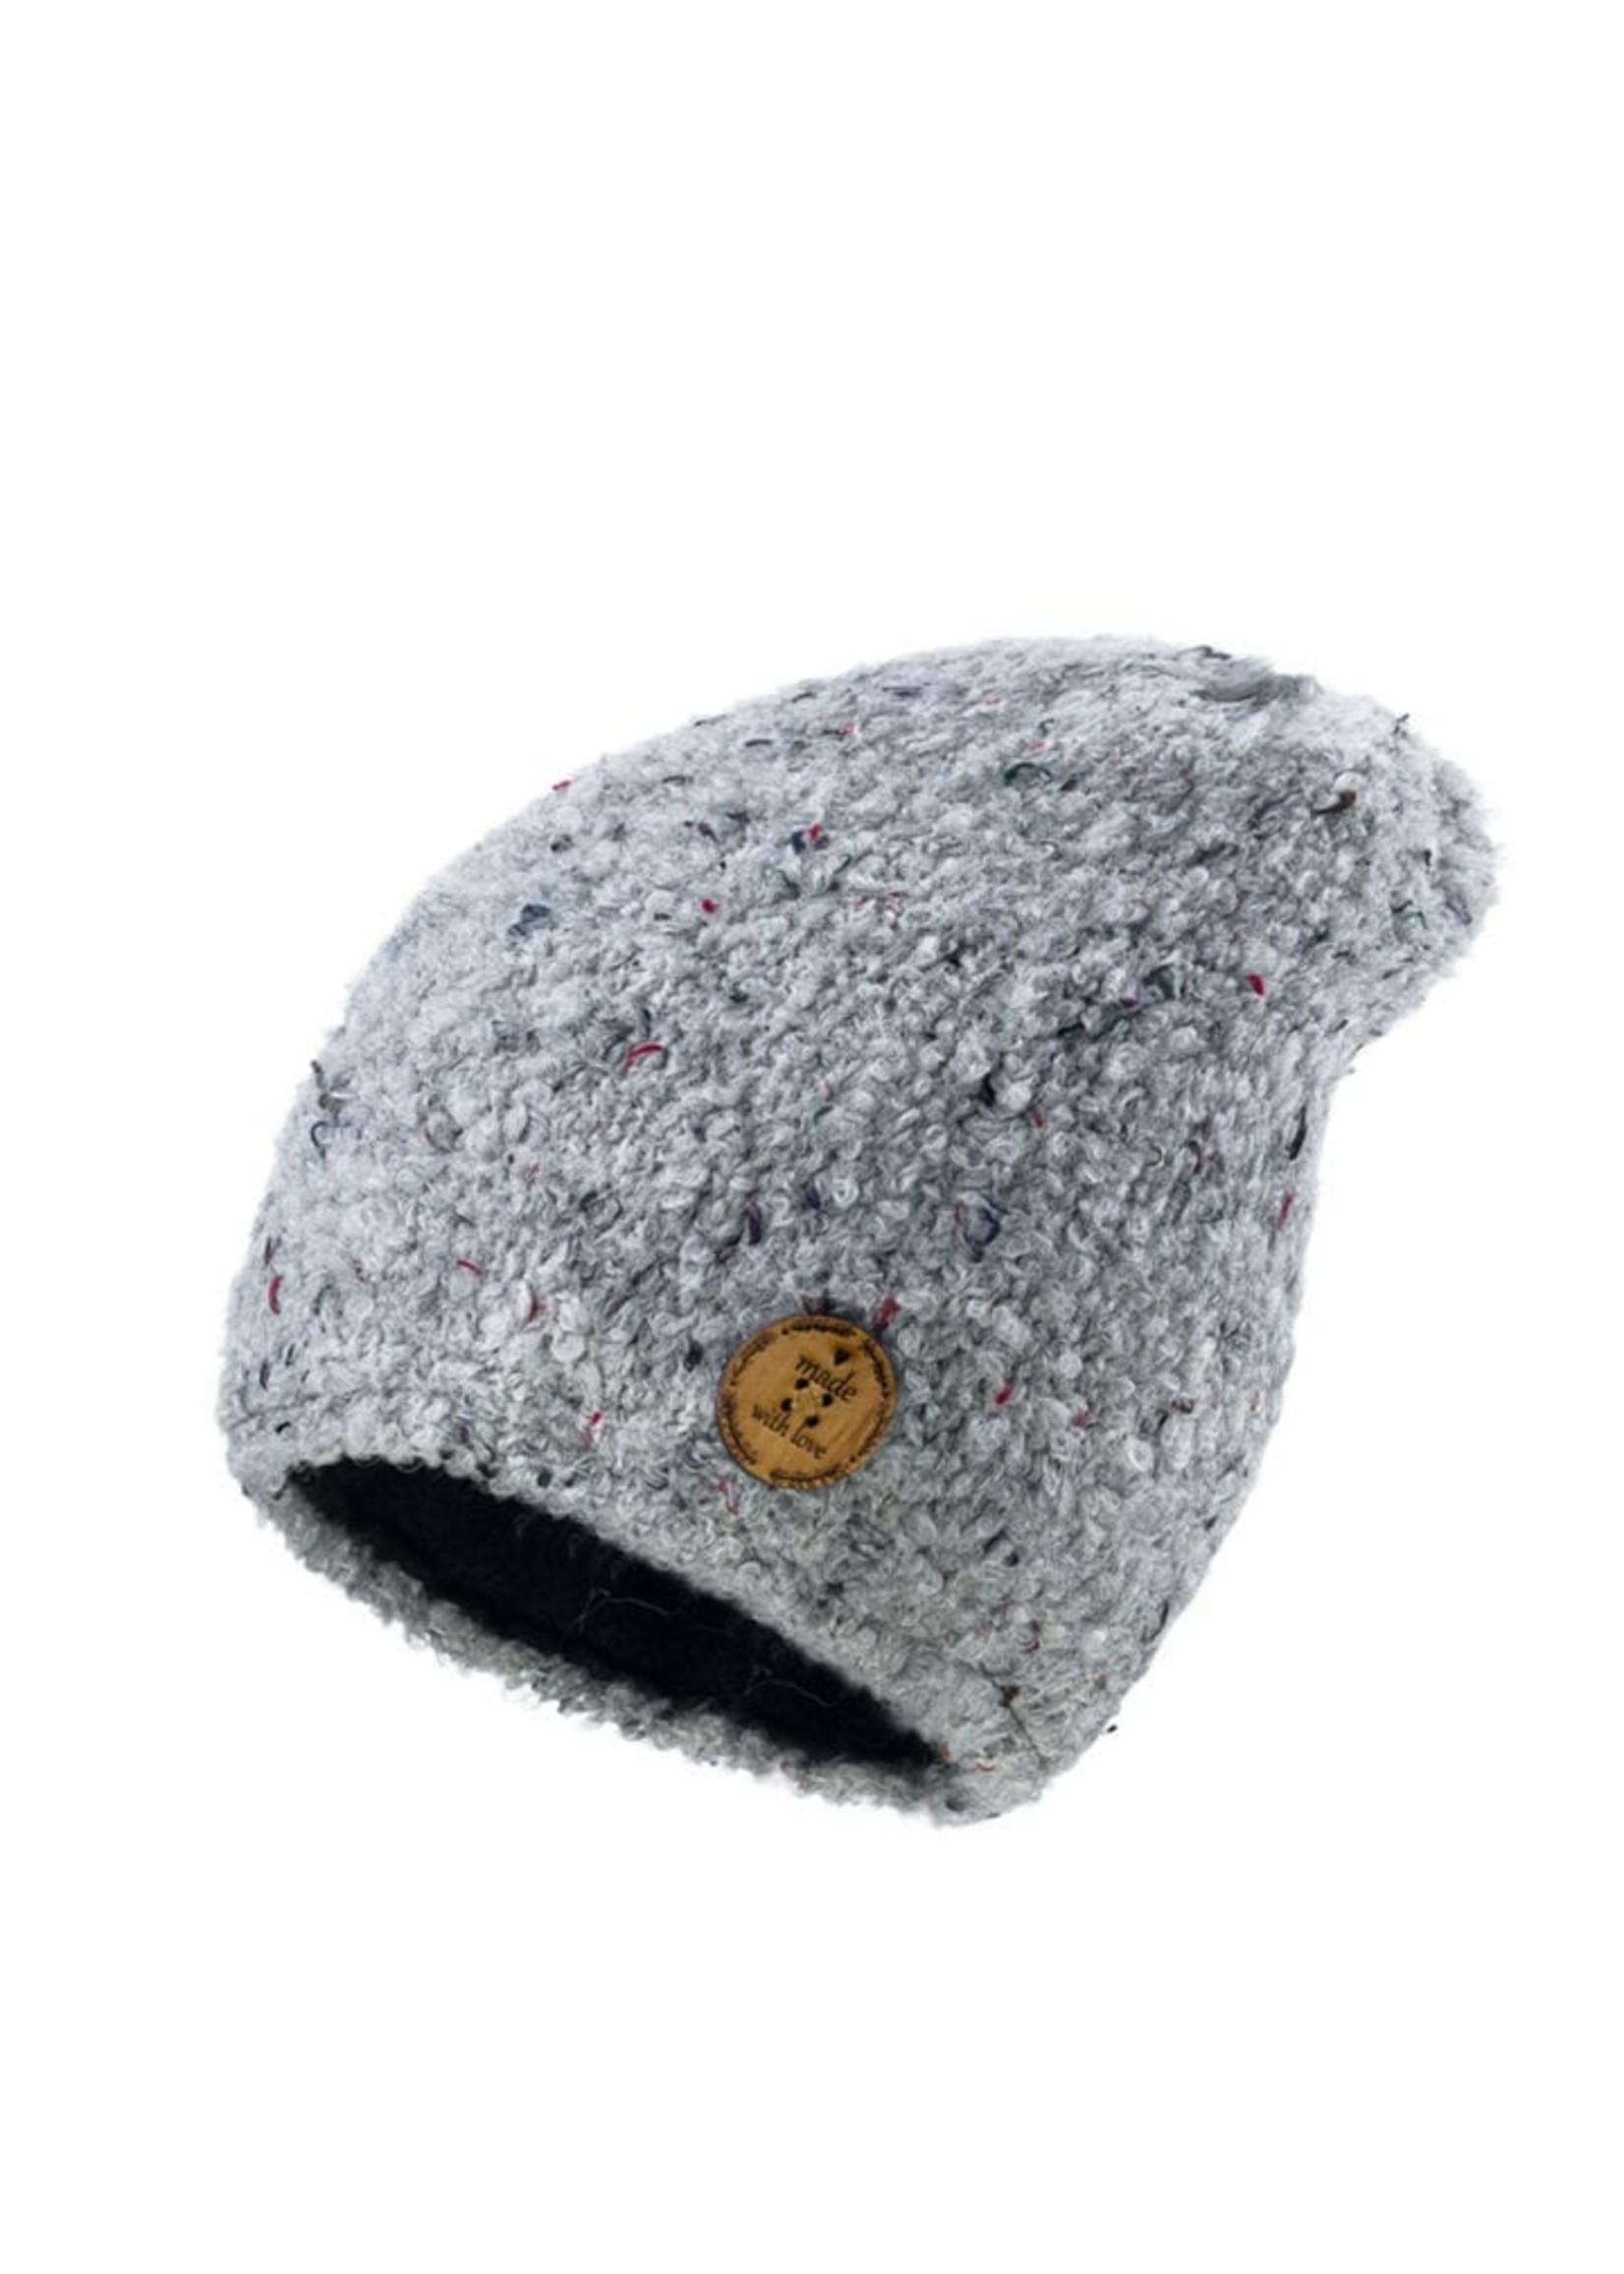 Woolk Lined toque w/ Button